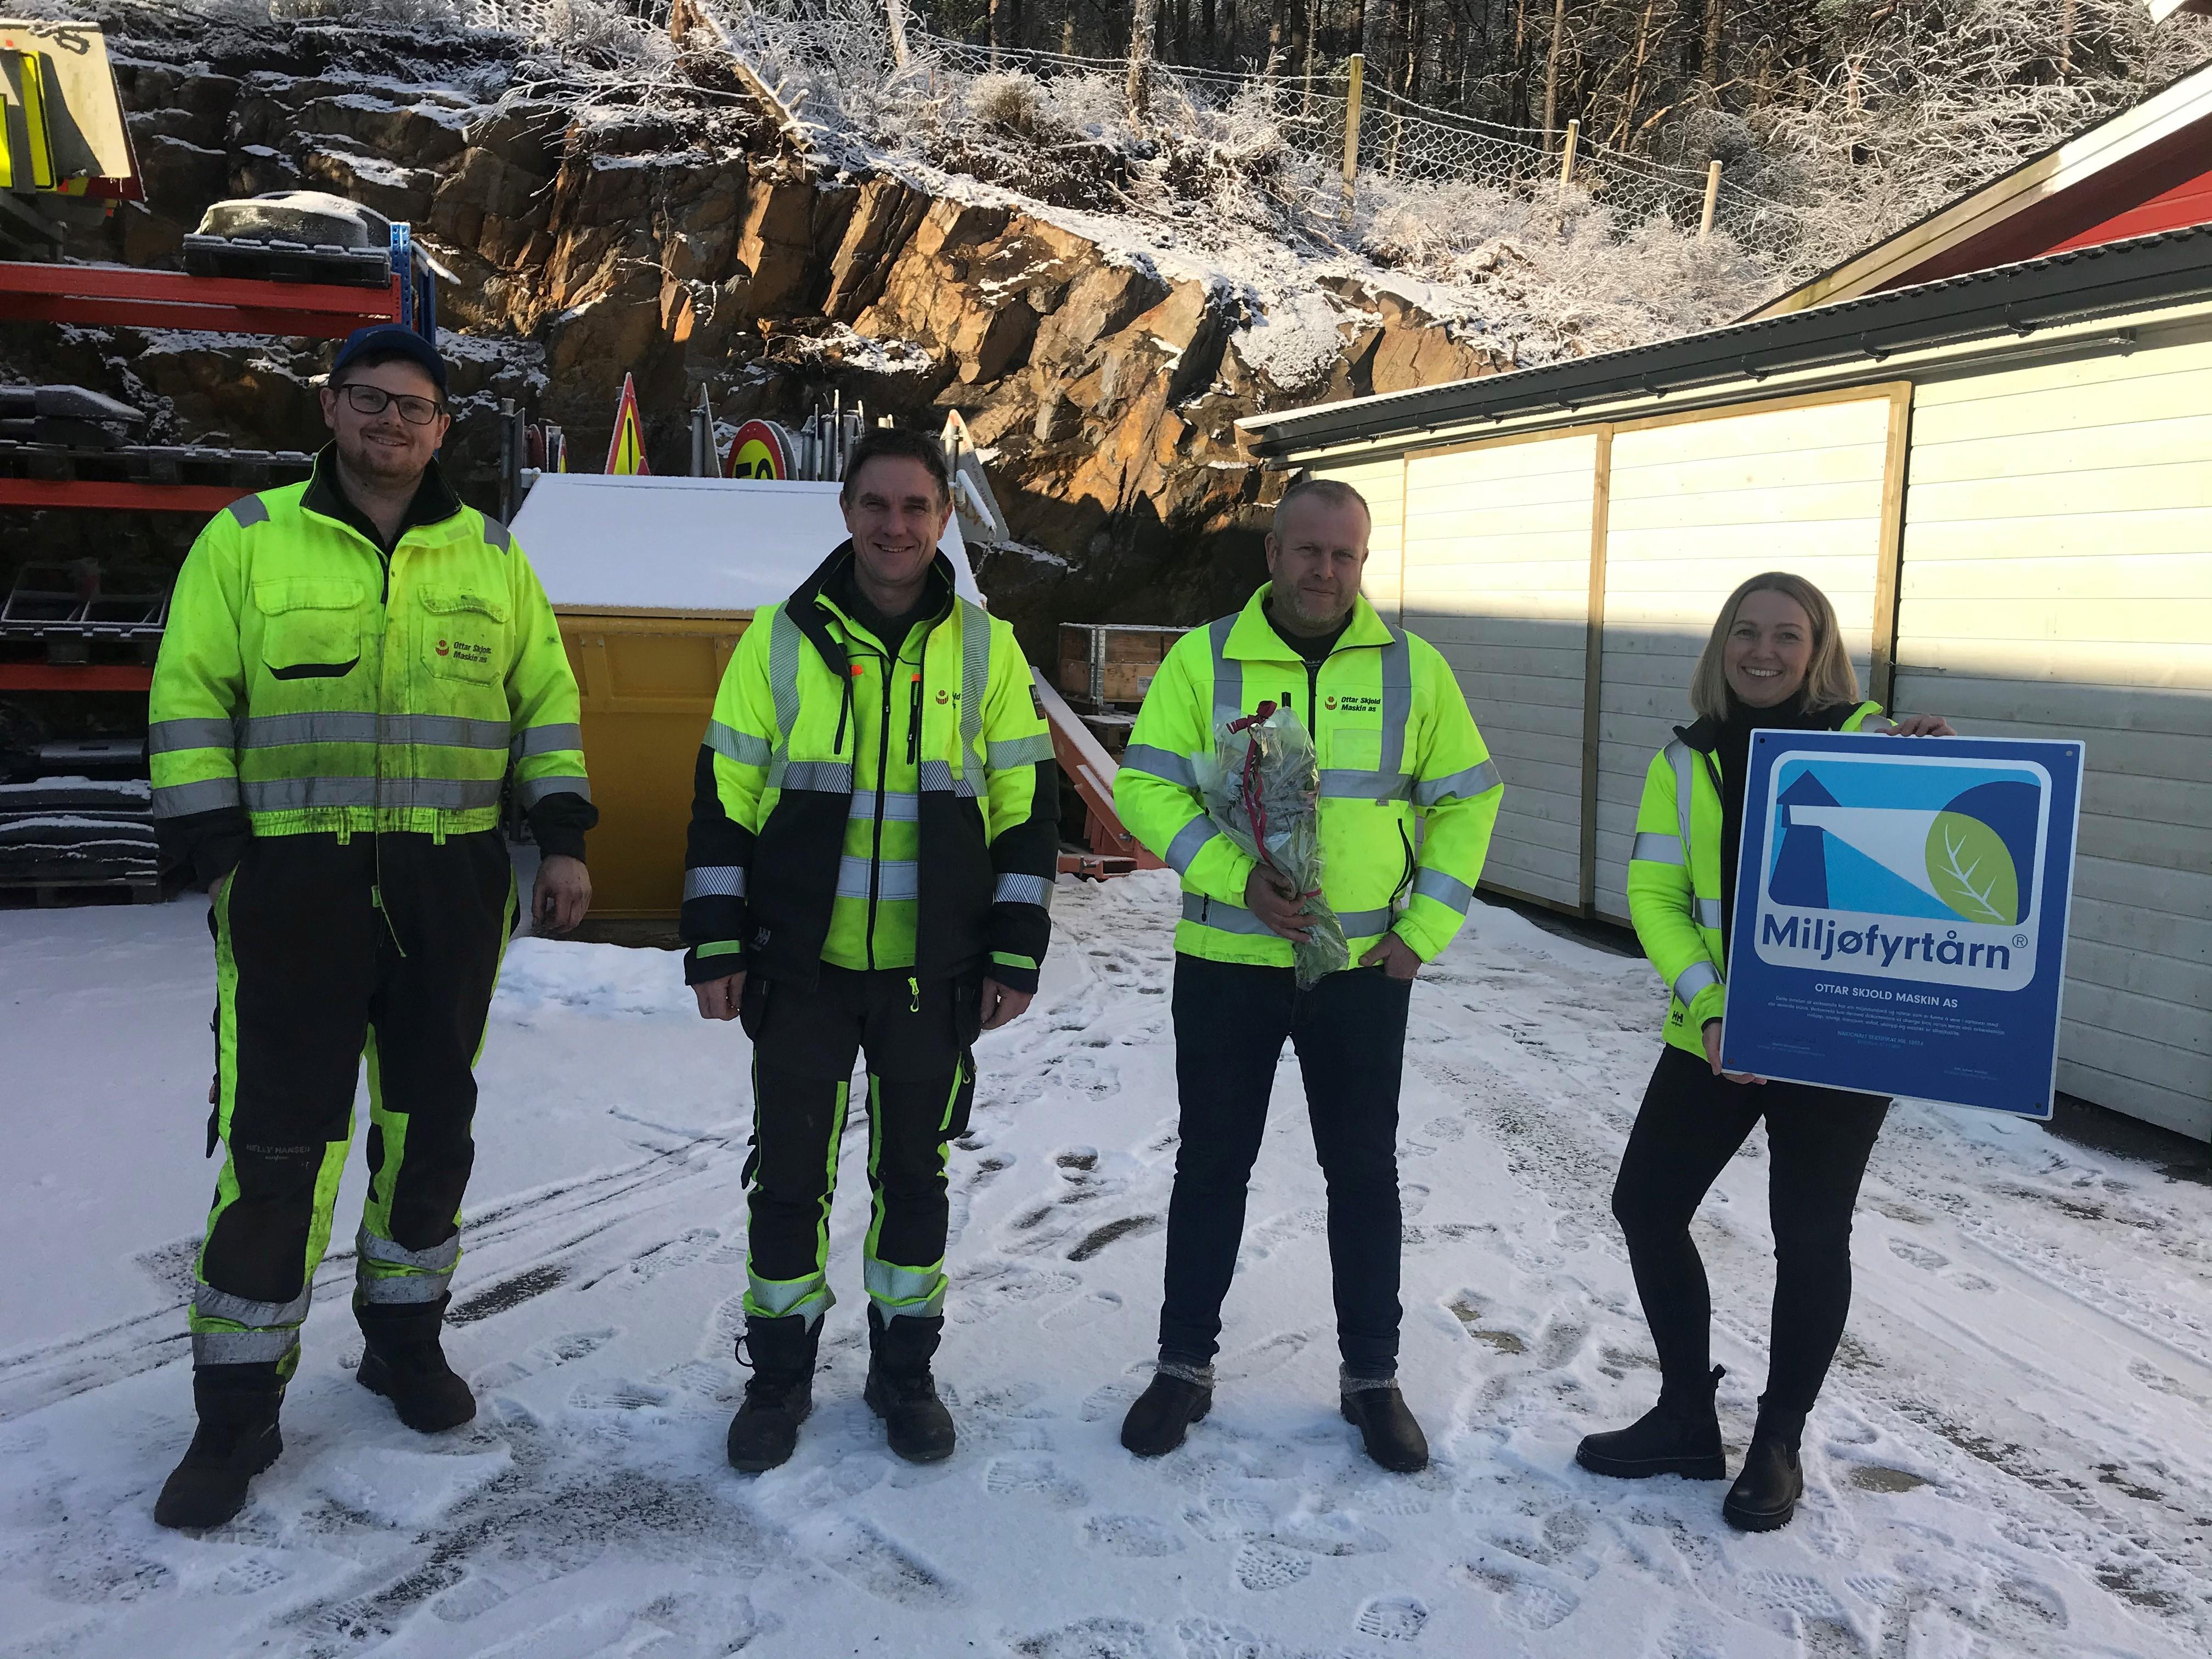 Fra høyre: mekaniker Eirik Aasbøe, landmåøer Matthew Wilson, daglig leder Håvard Skjold, HMS-miljøfyrtårn ansvarlig Linda Bjelland Skjold